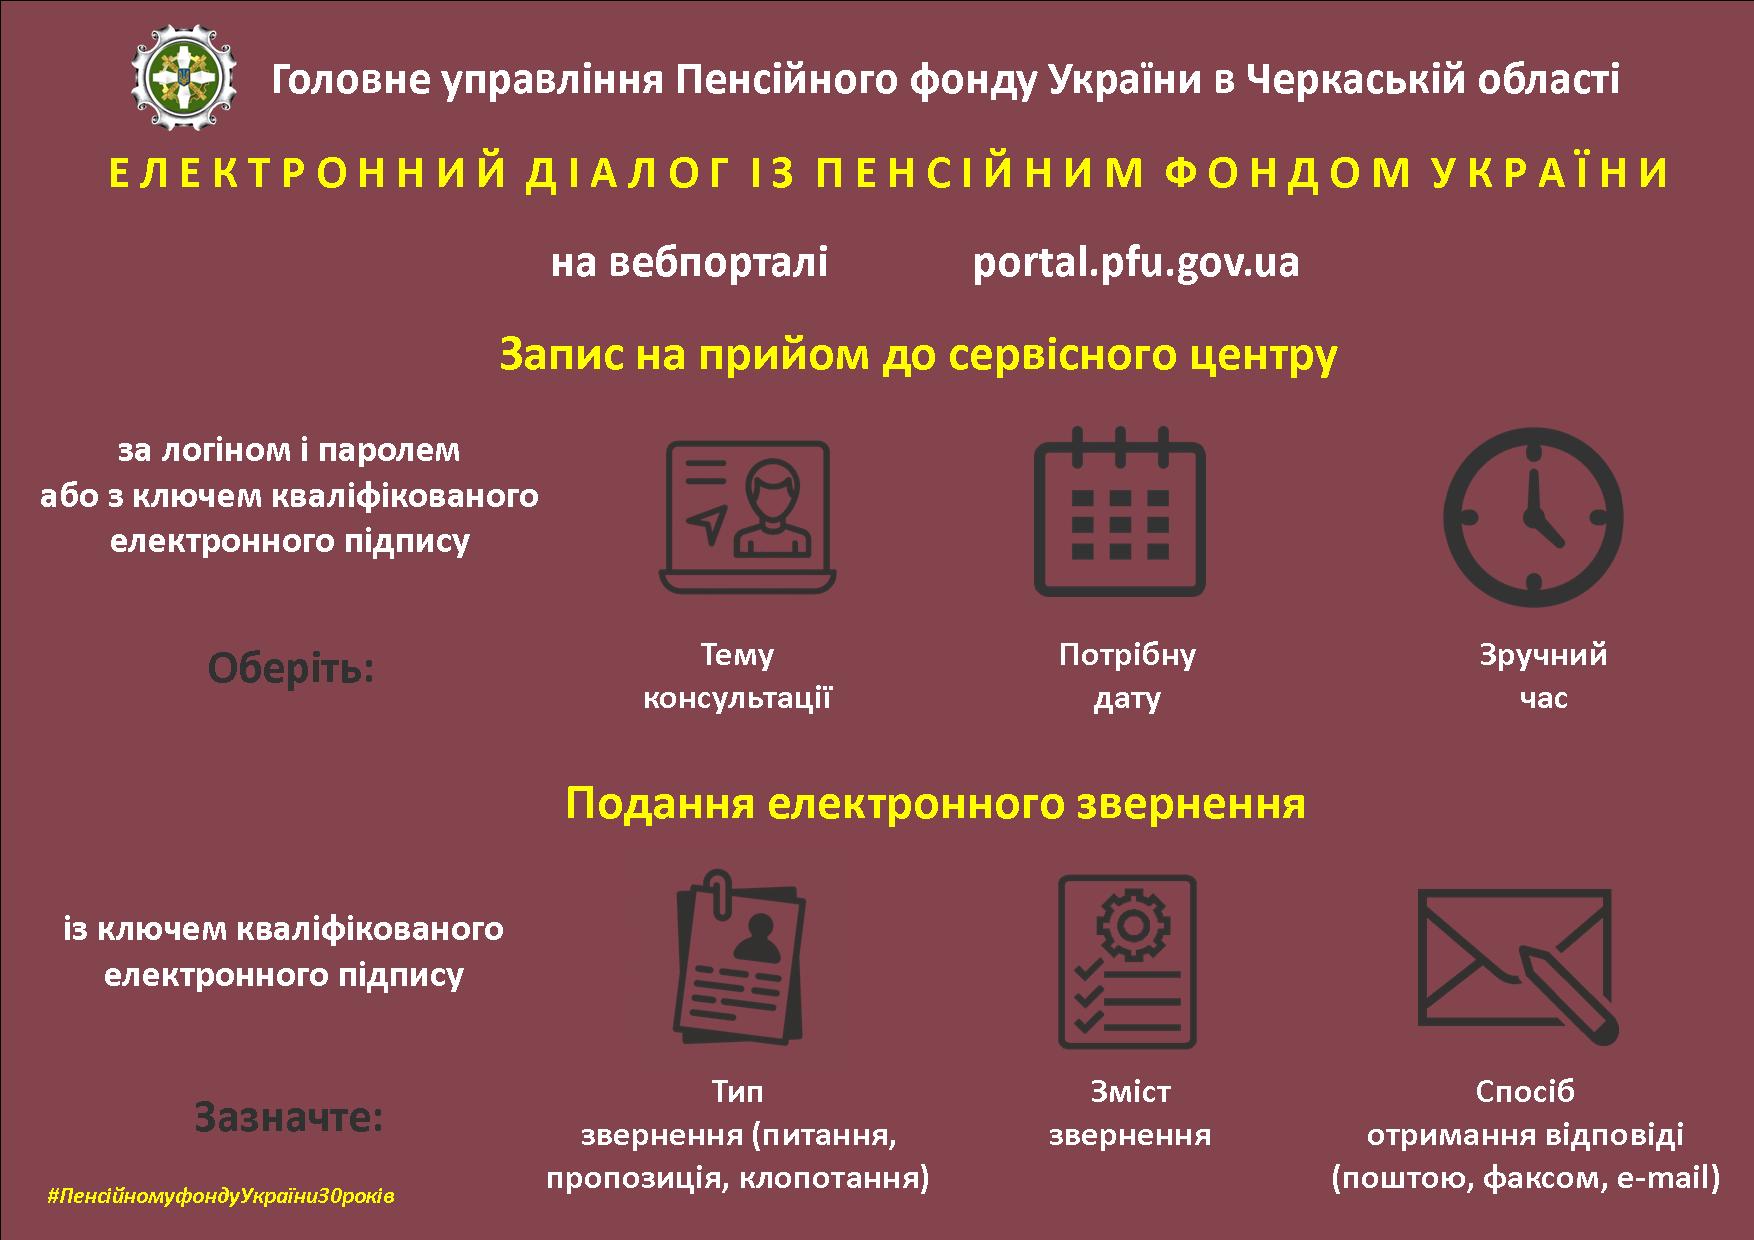 Електронний діалог з ПФУ